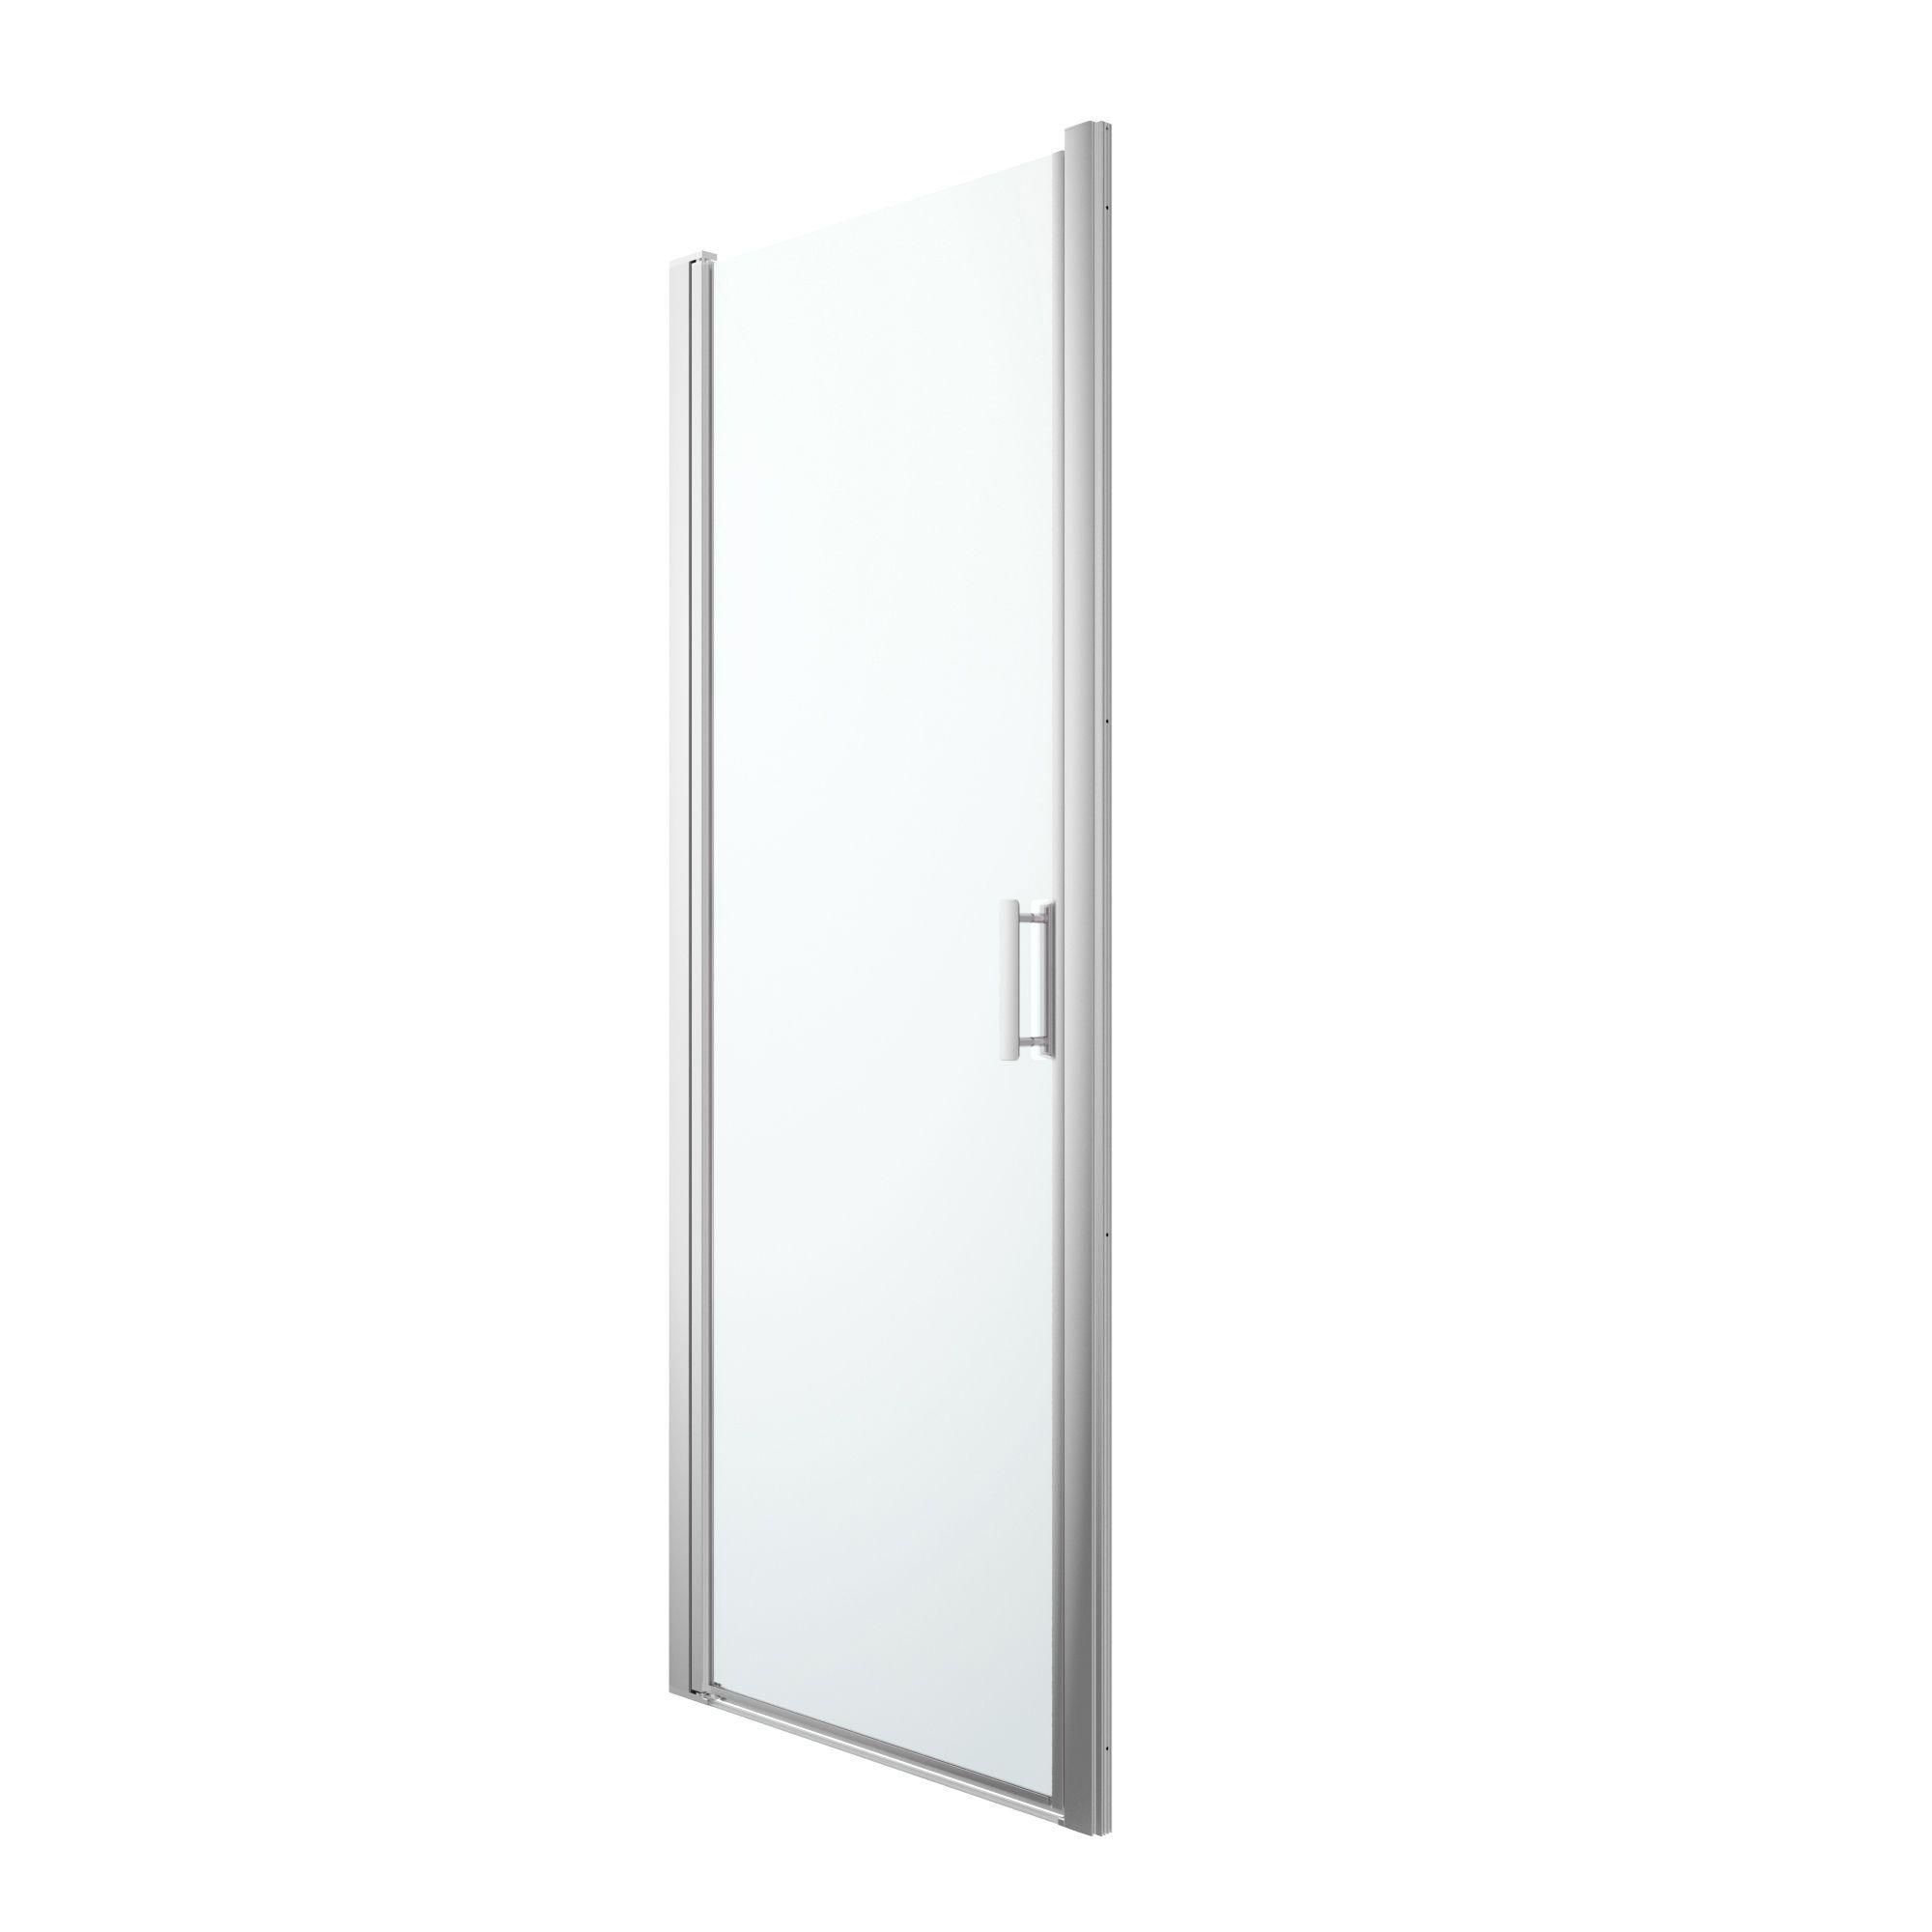 Cooke & Lewis Beloya Pivot Shower Door (w)760mm